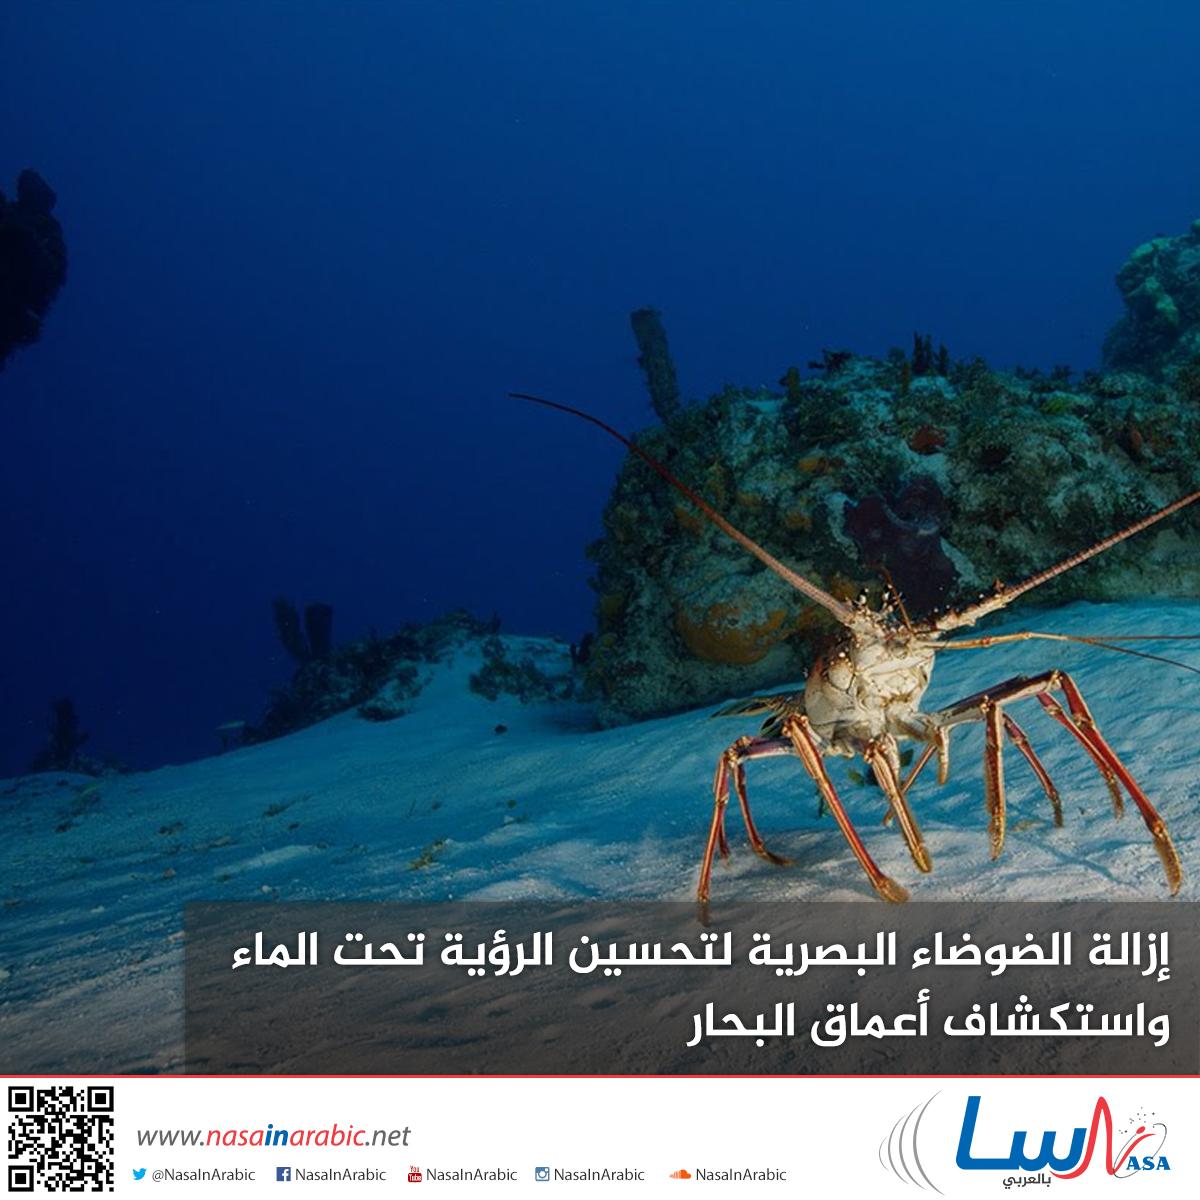 إزالة الضوضاء البصرية لتحسين الرؤية تحت الماء واستكشاف أعماق البحار